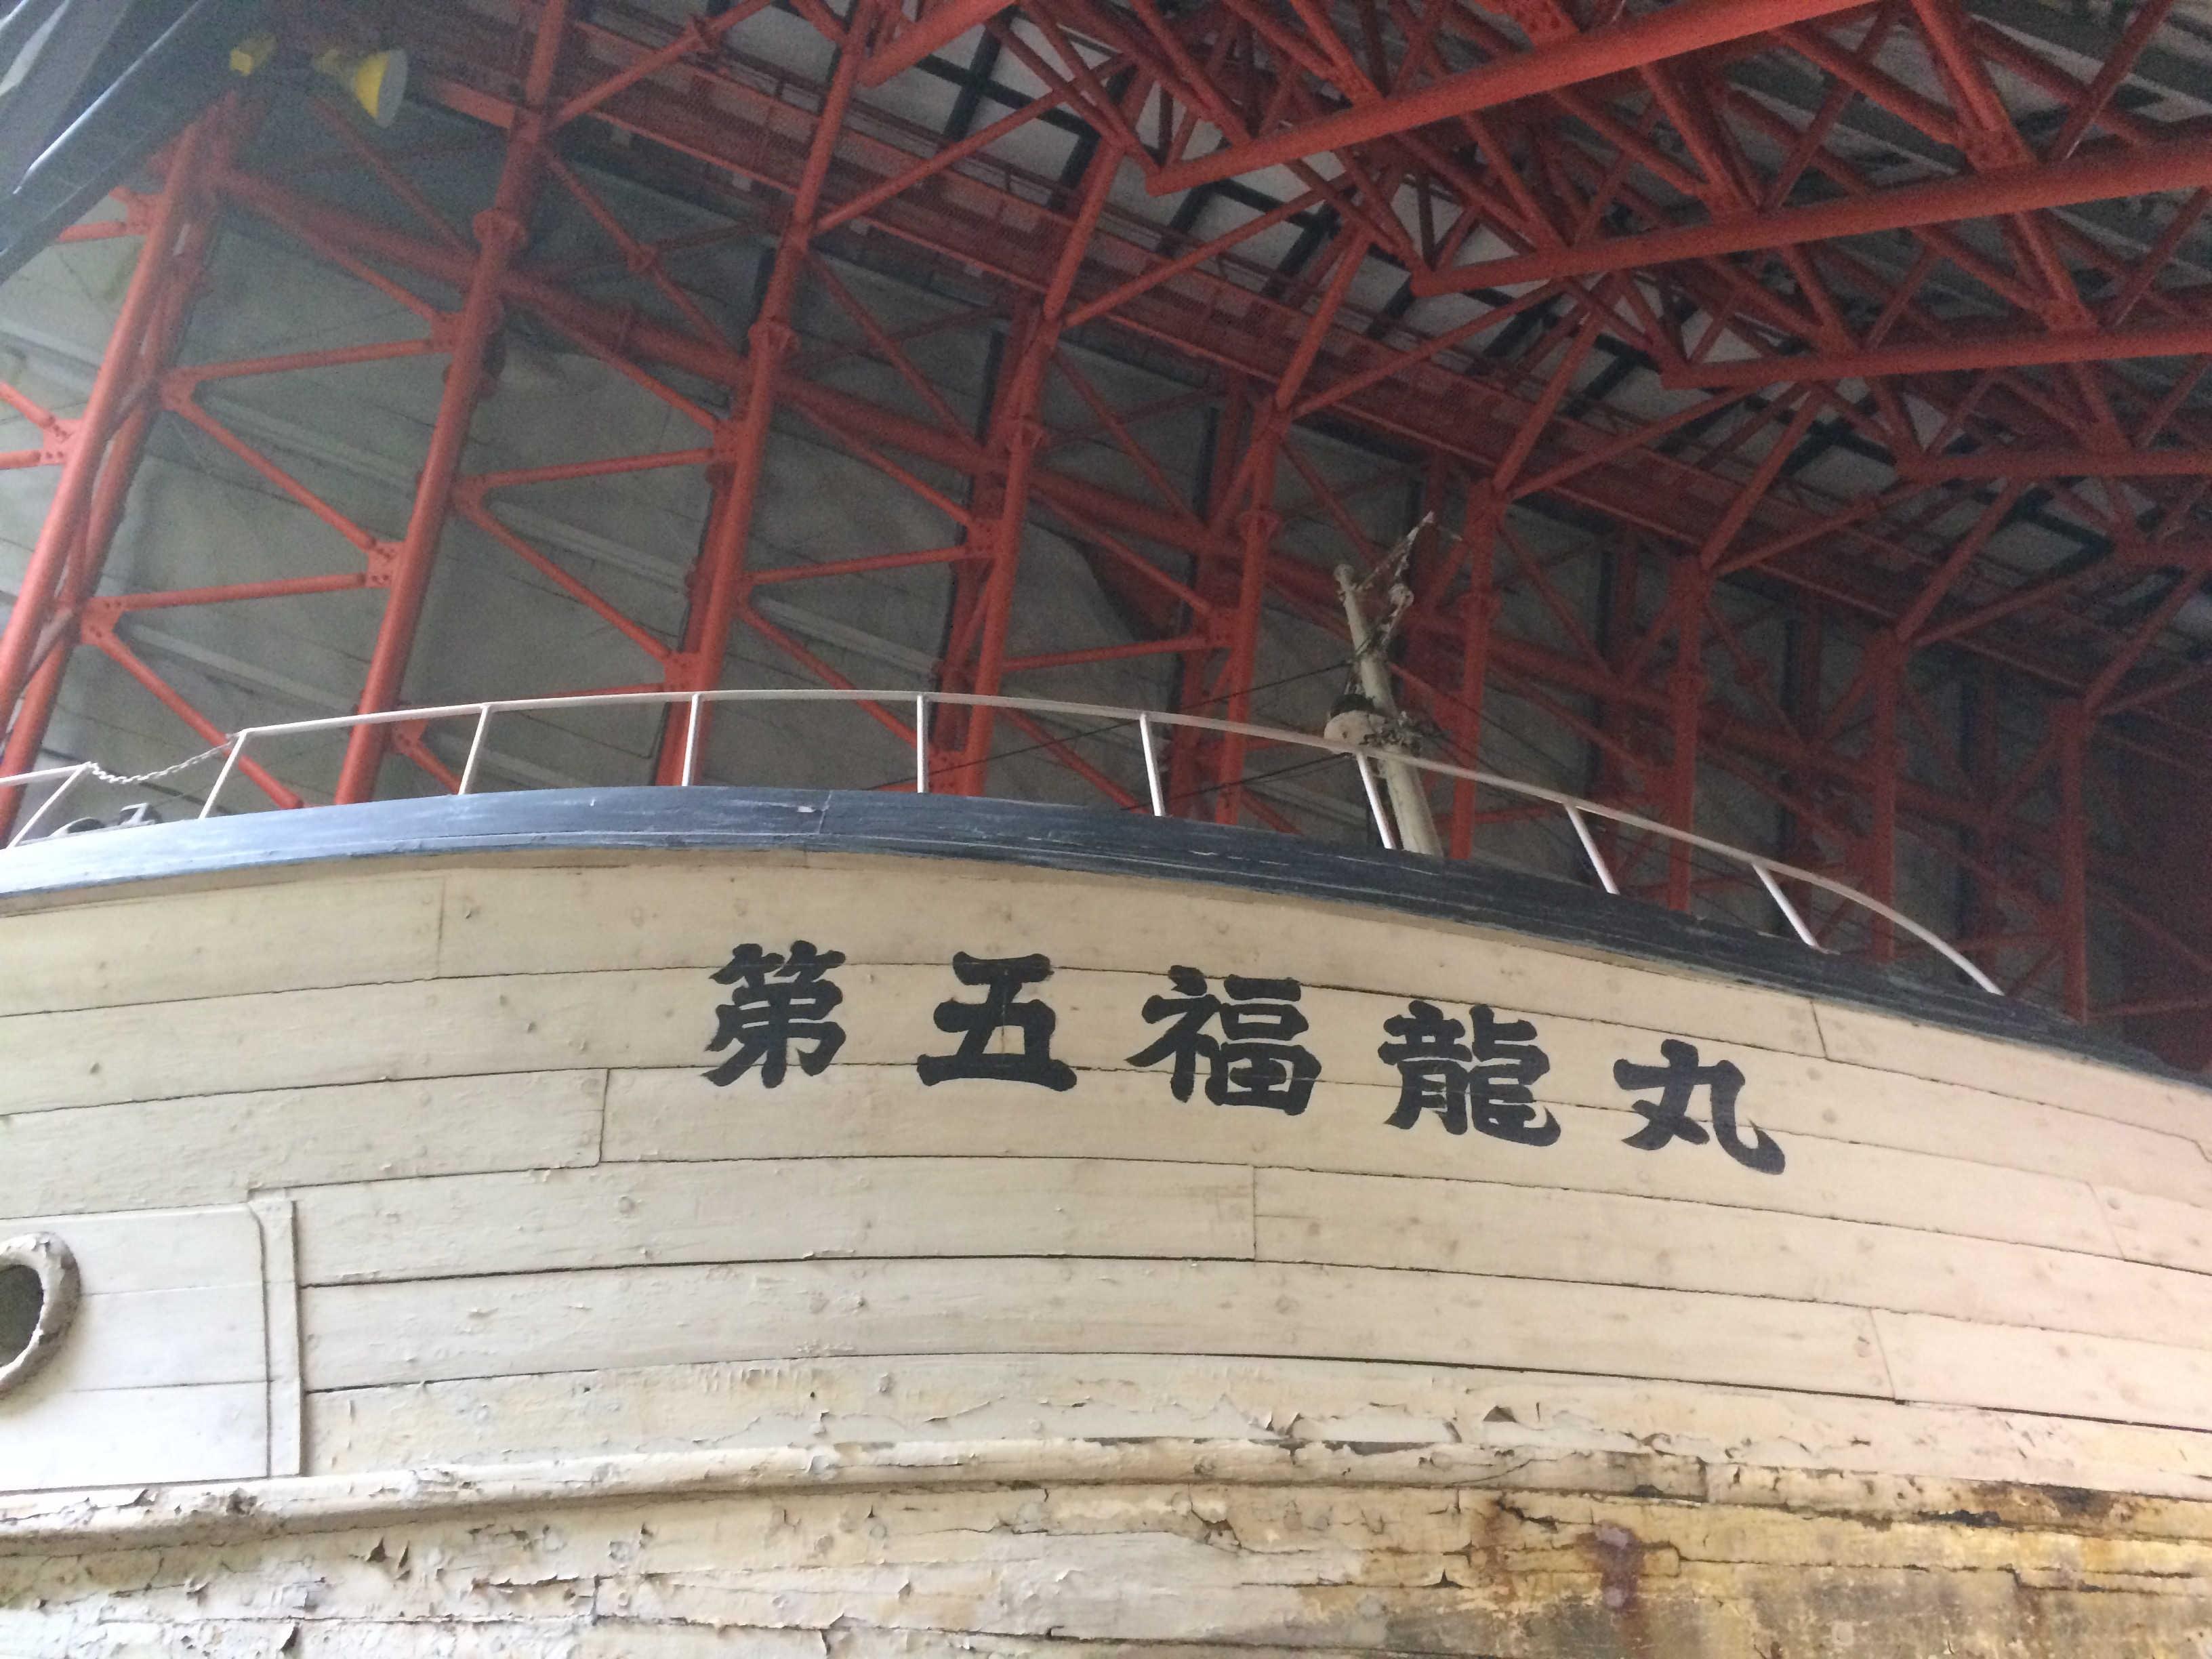 東京都立第五福竜丸展示館